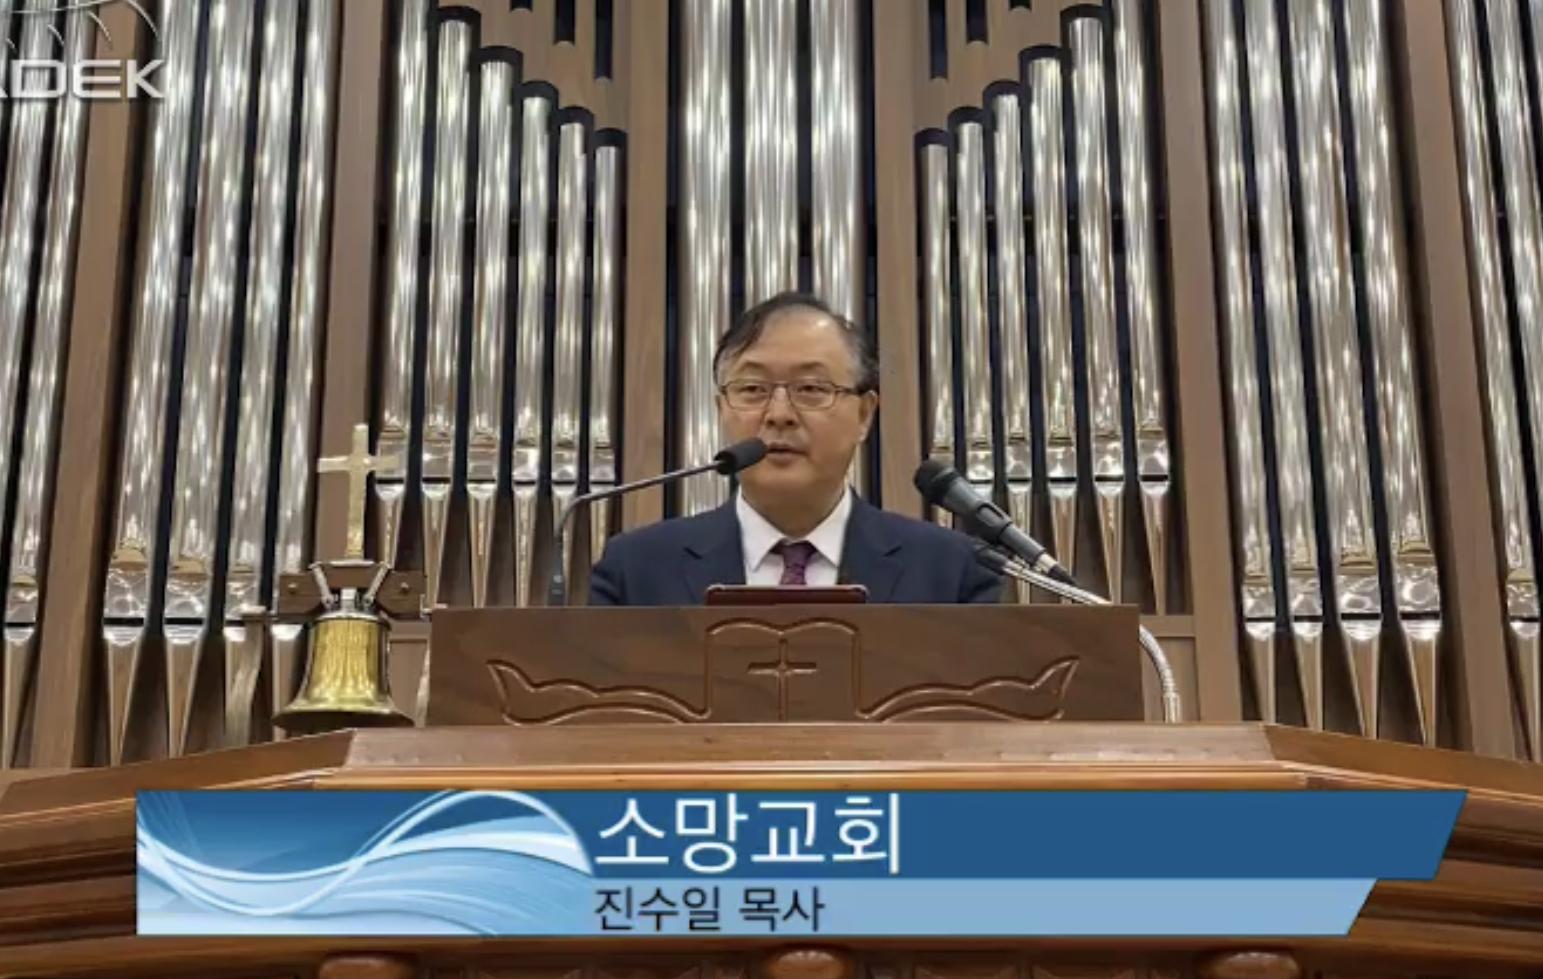 소망교회(담임 진수일 목사)가 온라인으로 실시간 예배